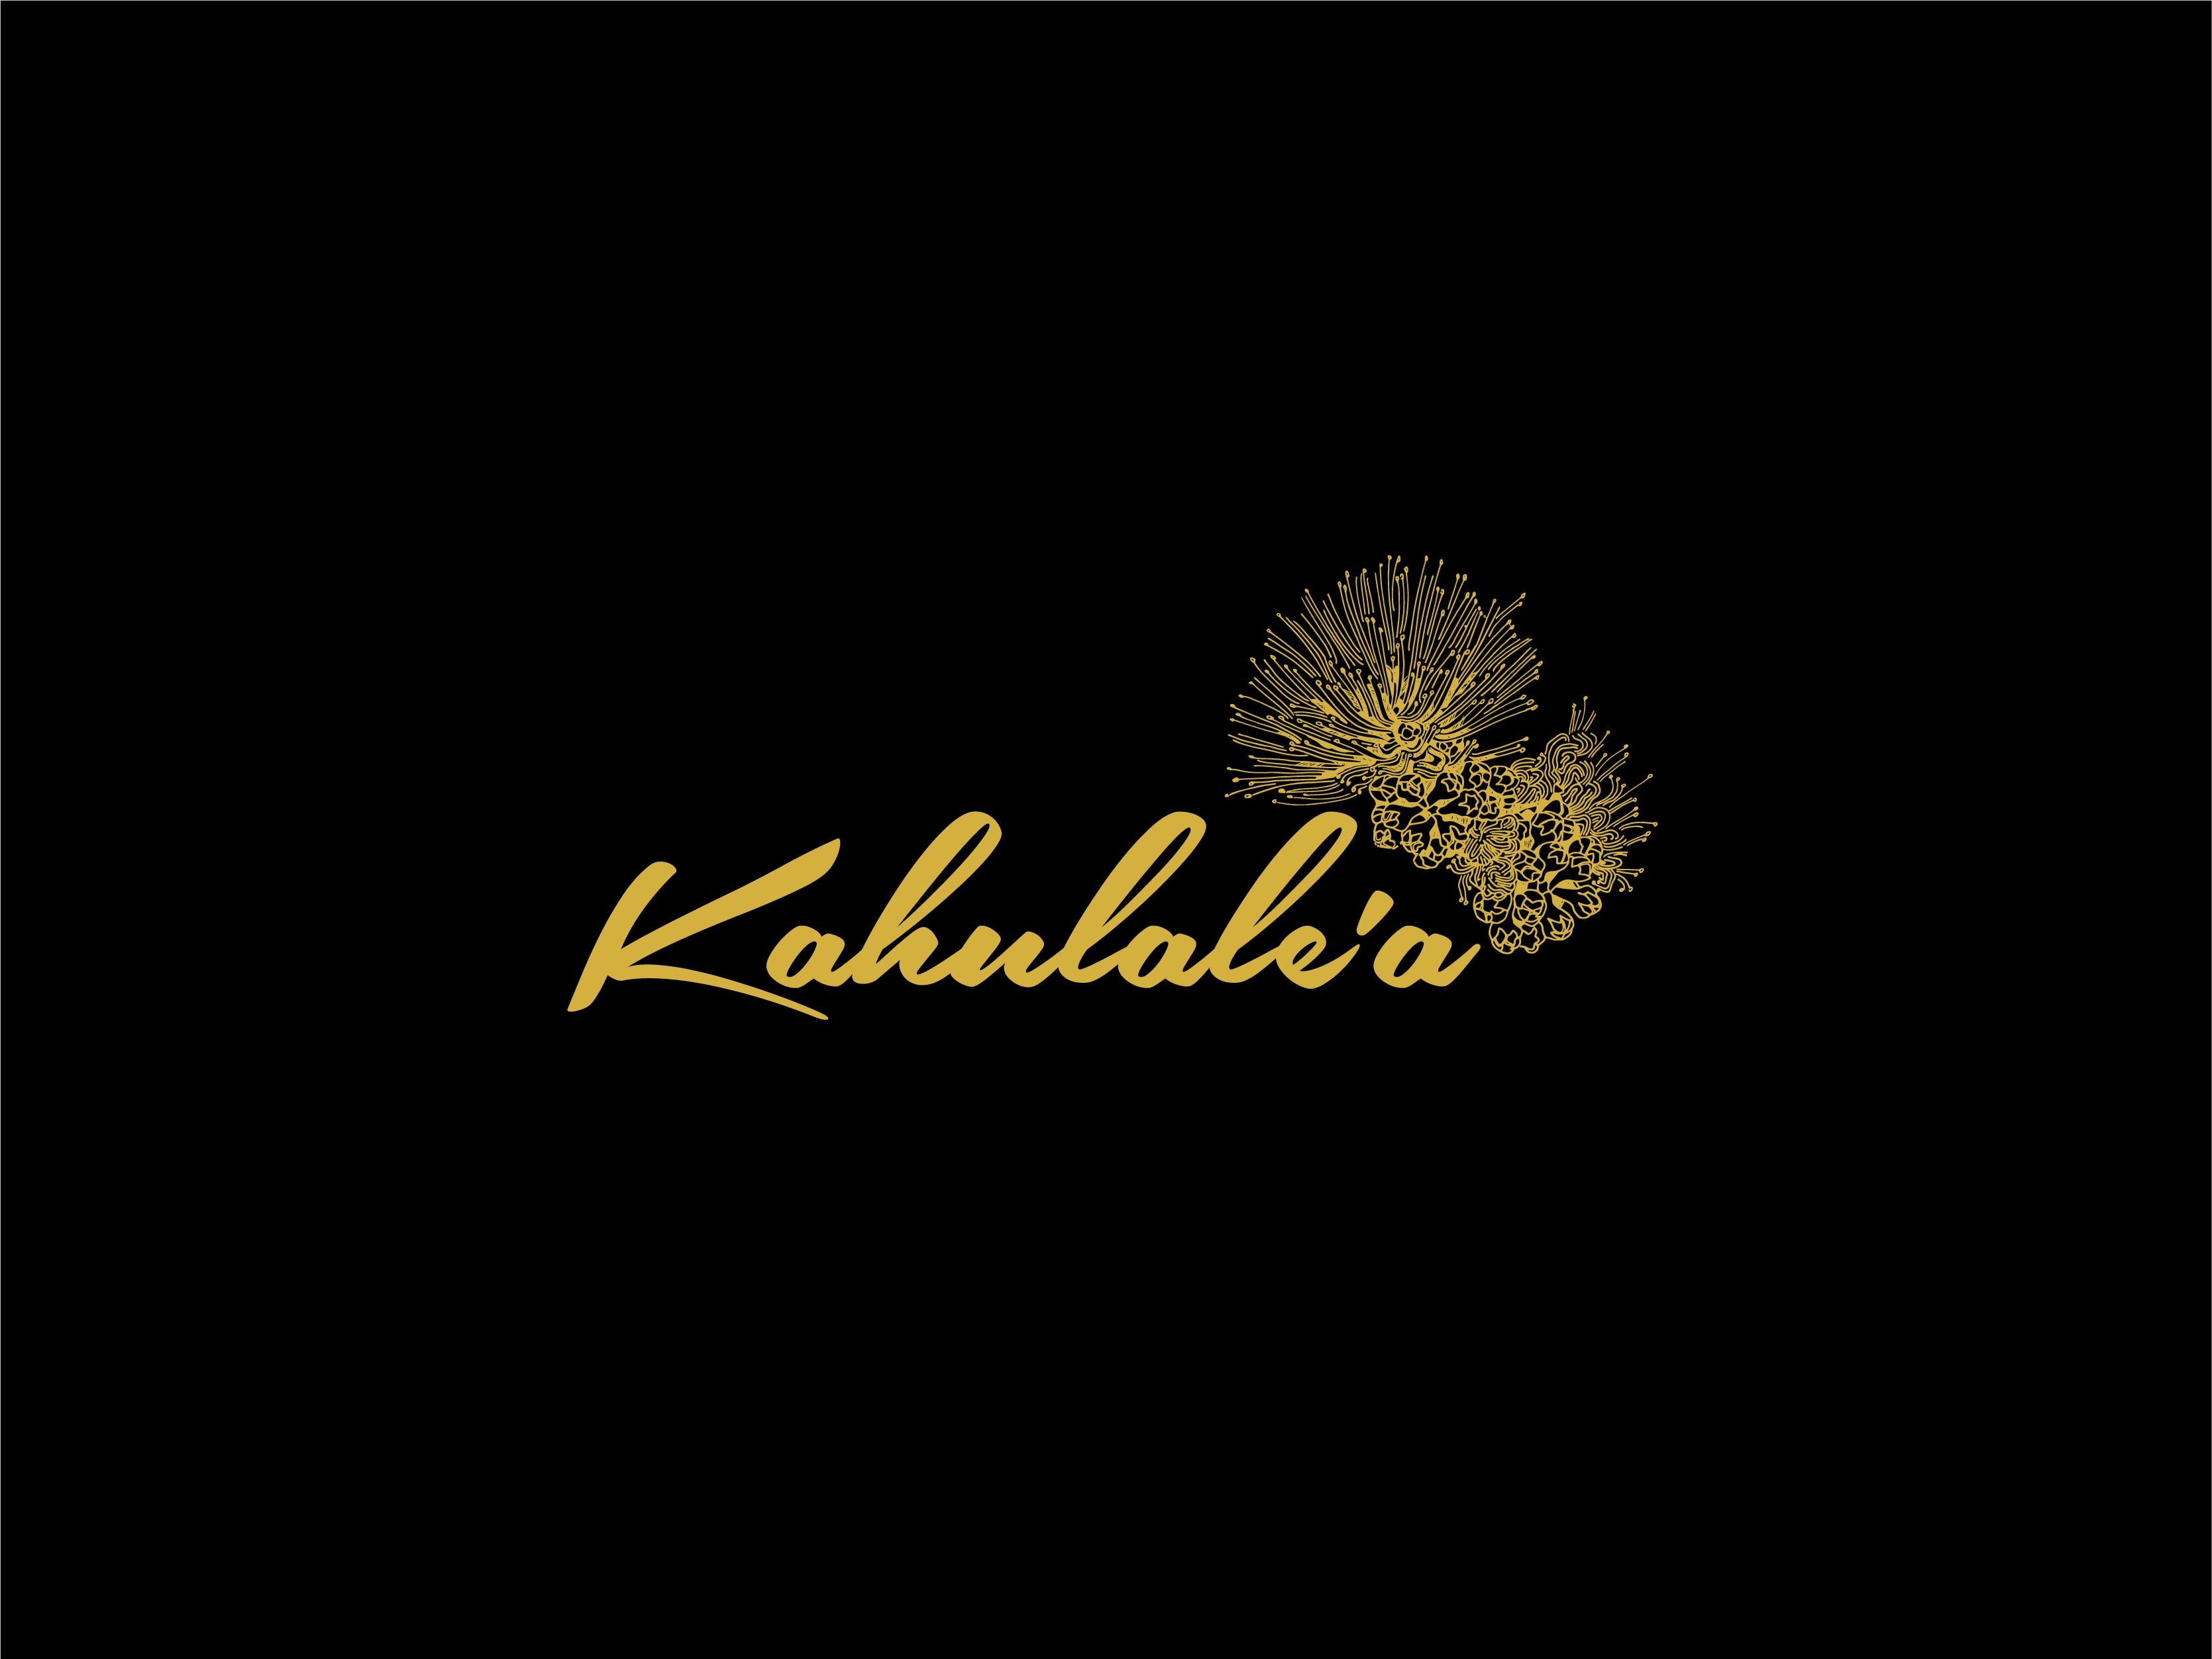 Kahulale'a Logo